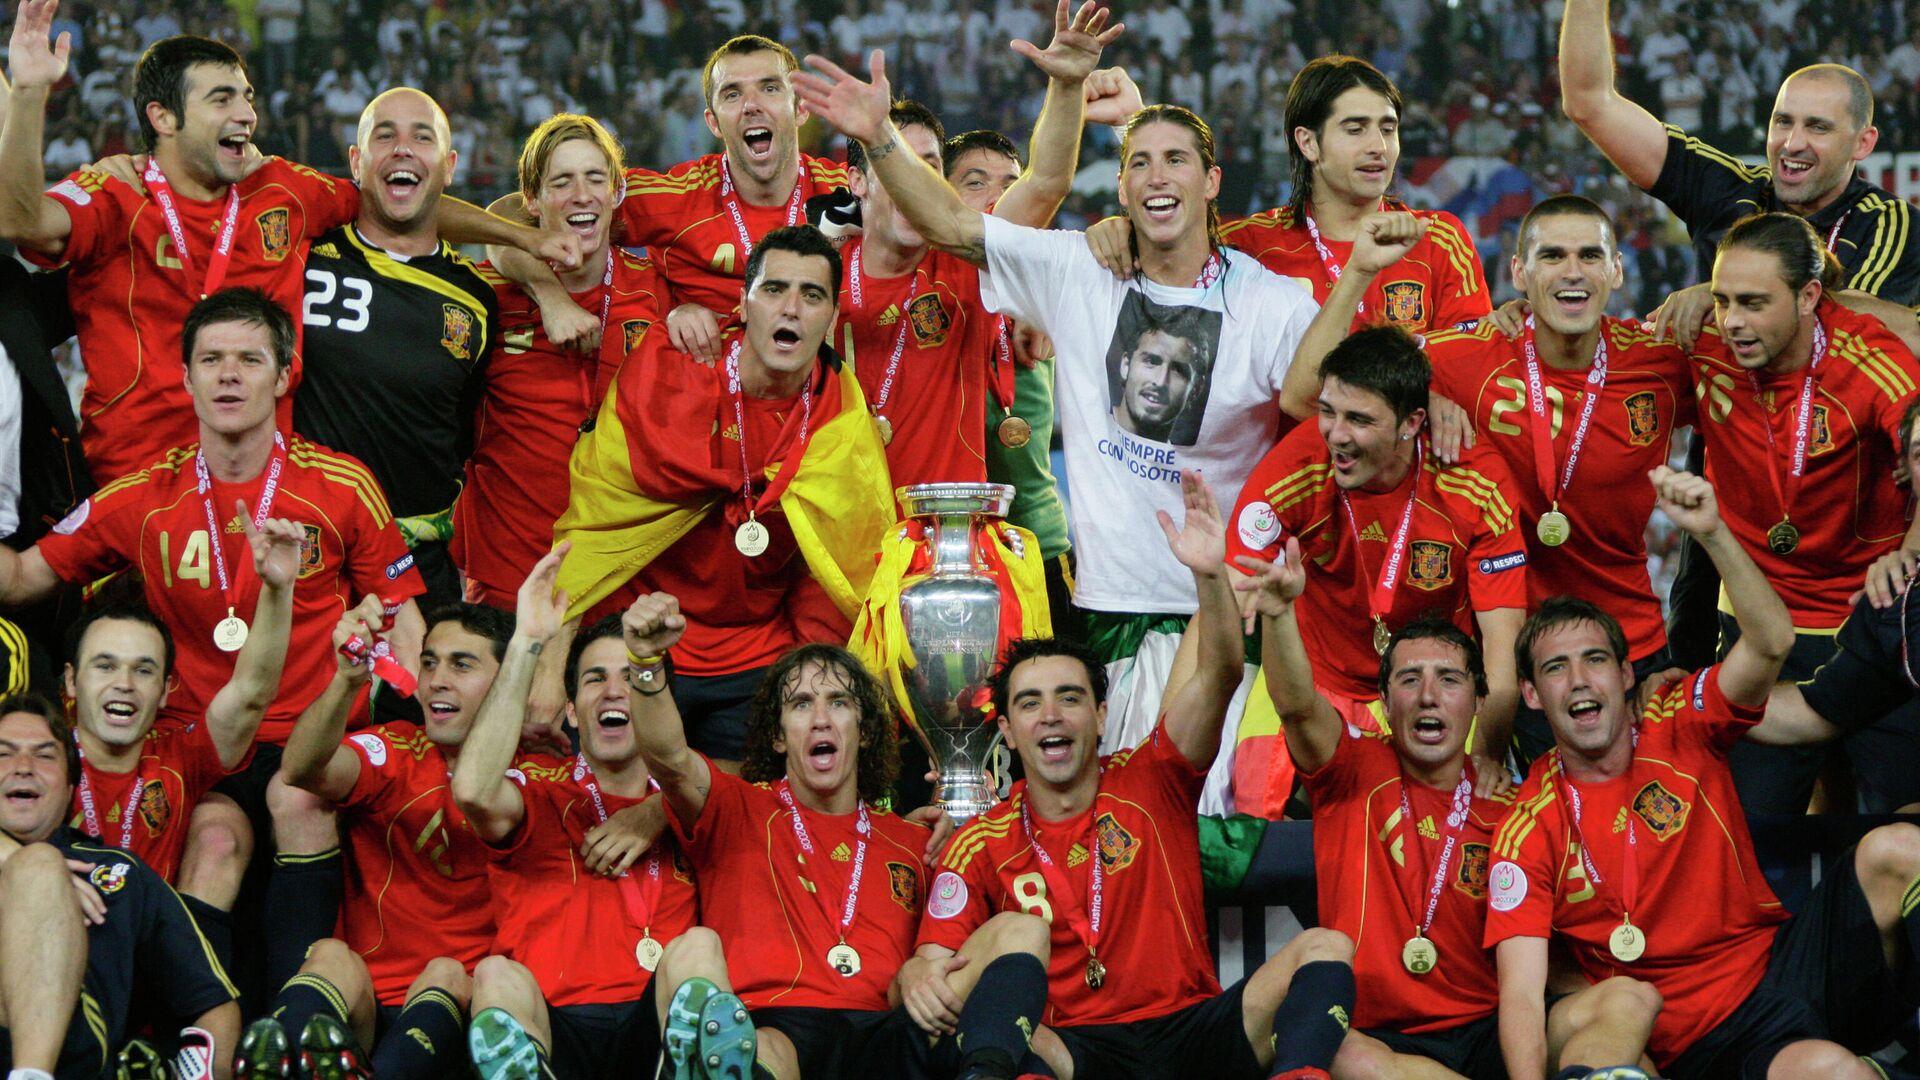 Футболисты сборной Испании после победы в финале ЕВРО-2008 - РИА Новости, 1920, 04.03.2021